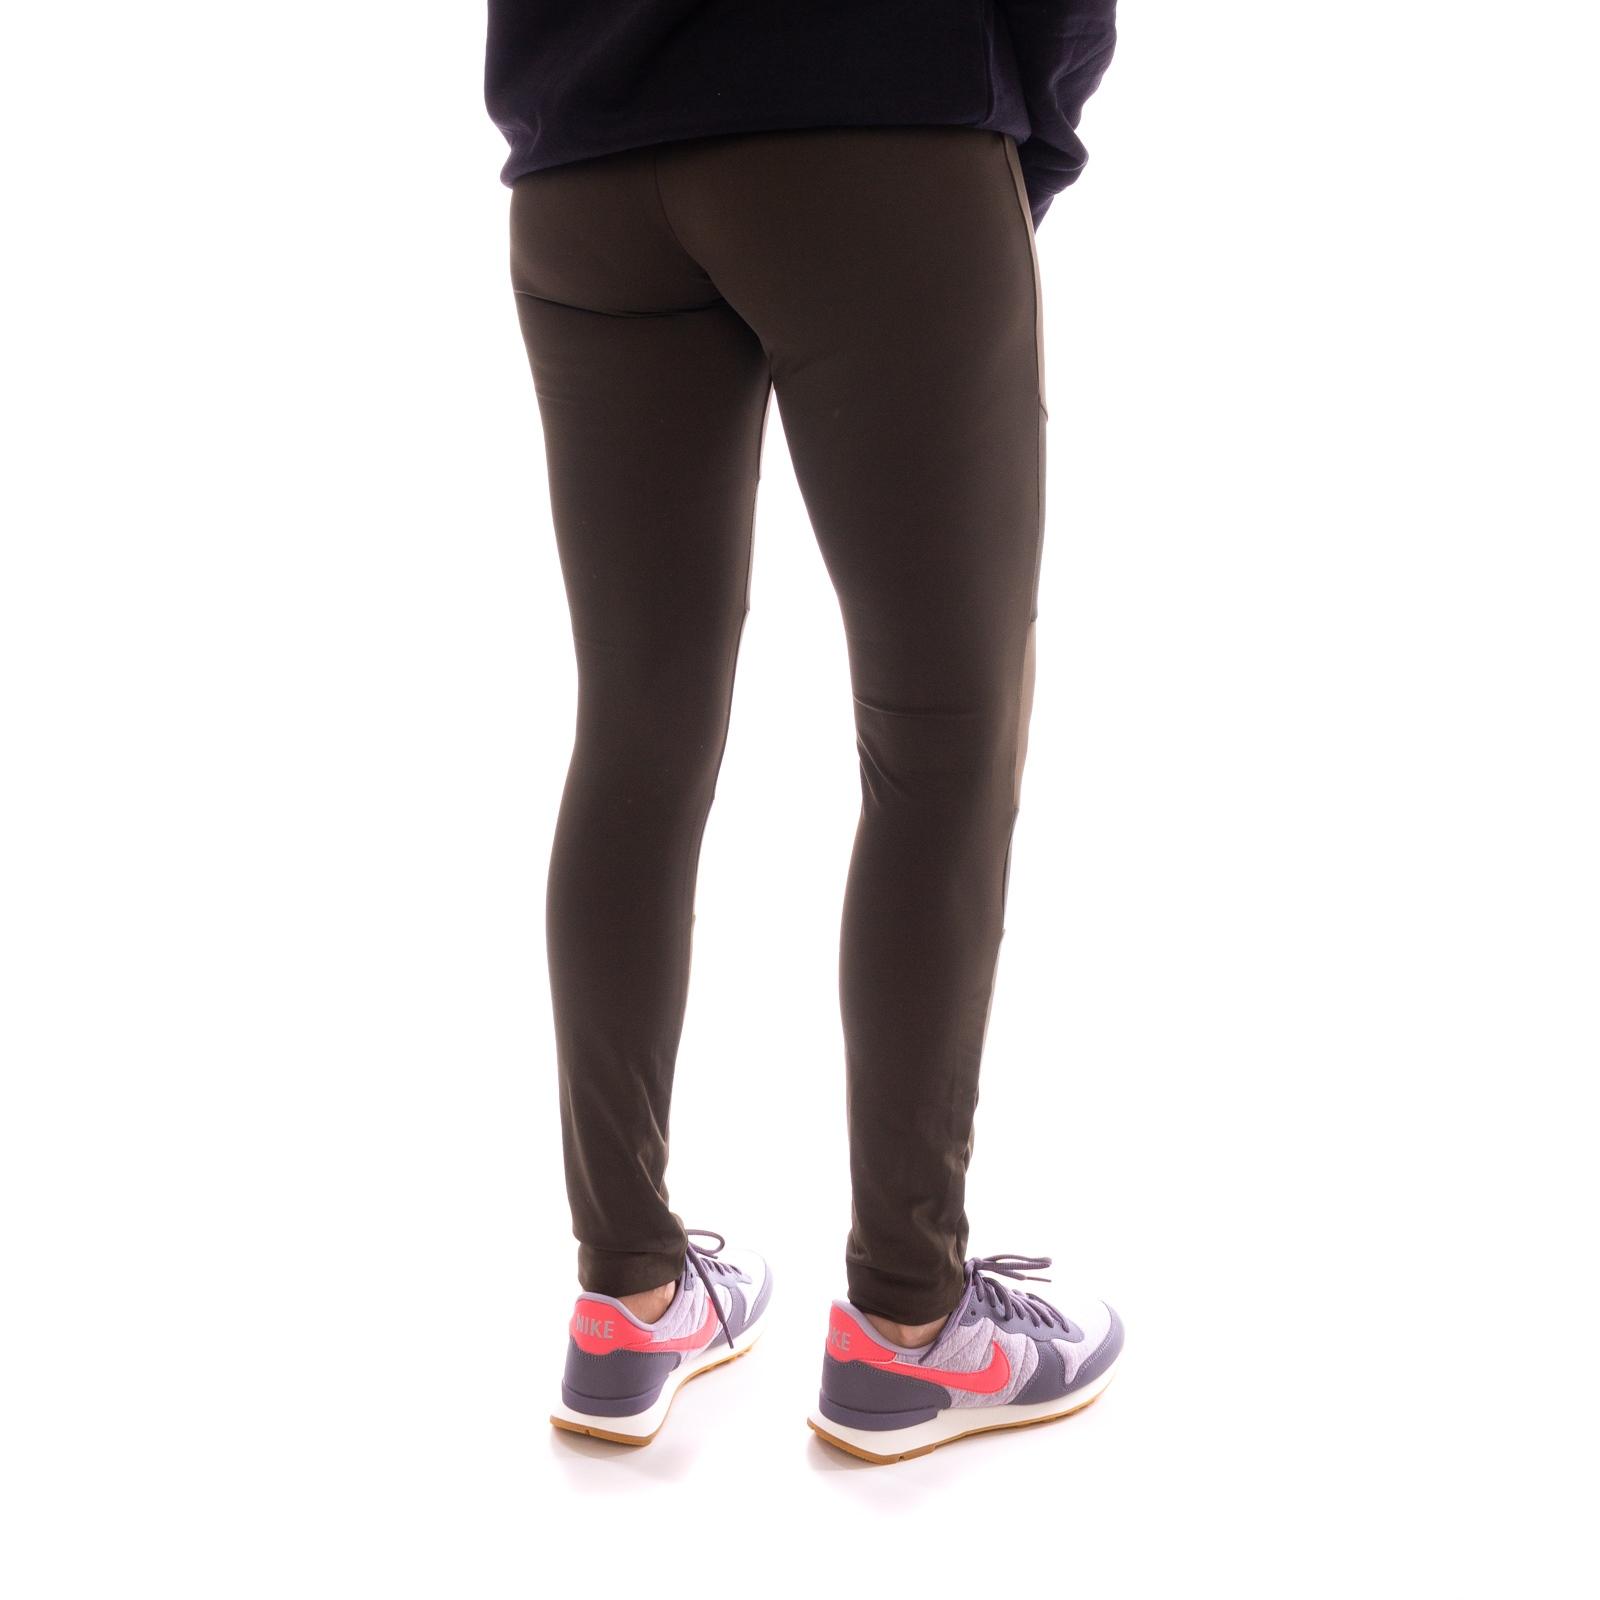 URBAN Classics Leggings Damen Skinny Hose 15546